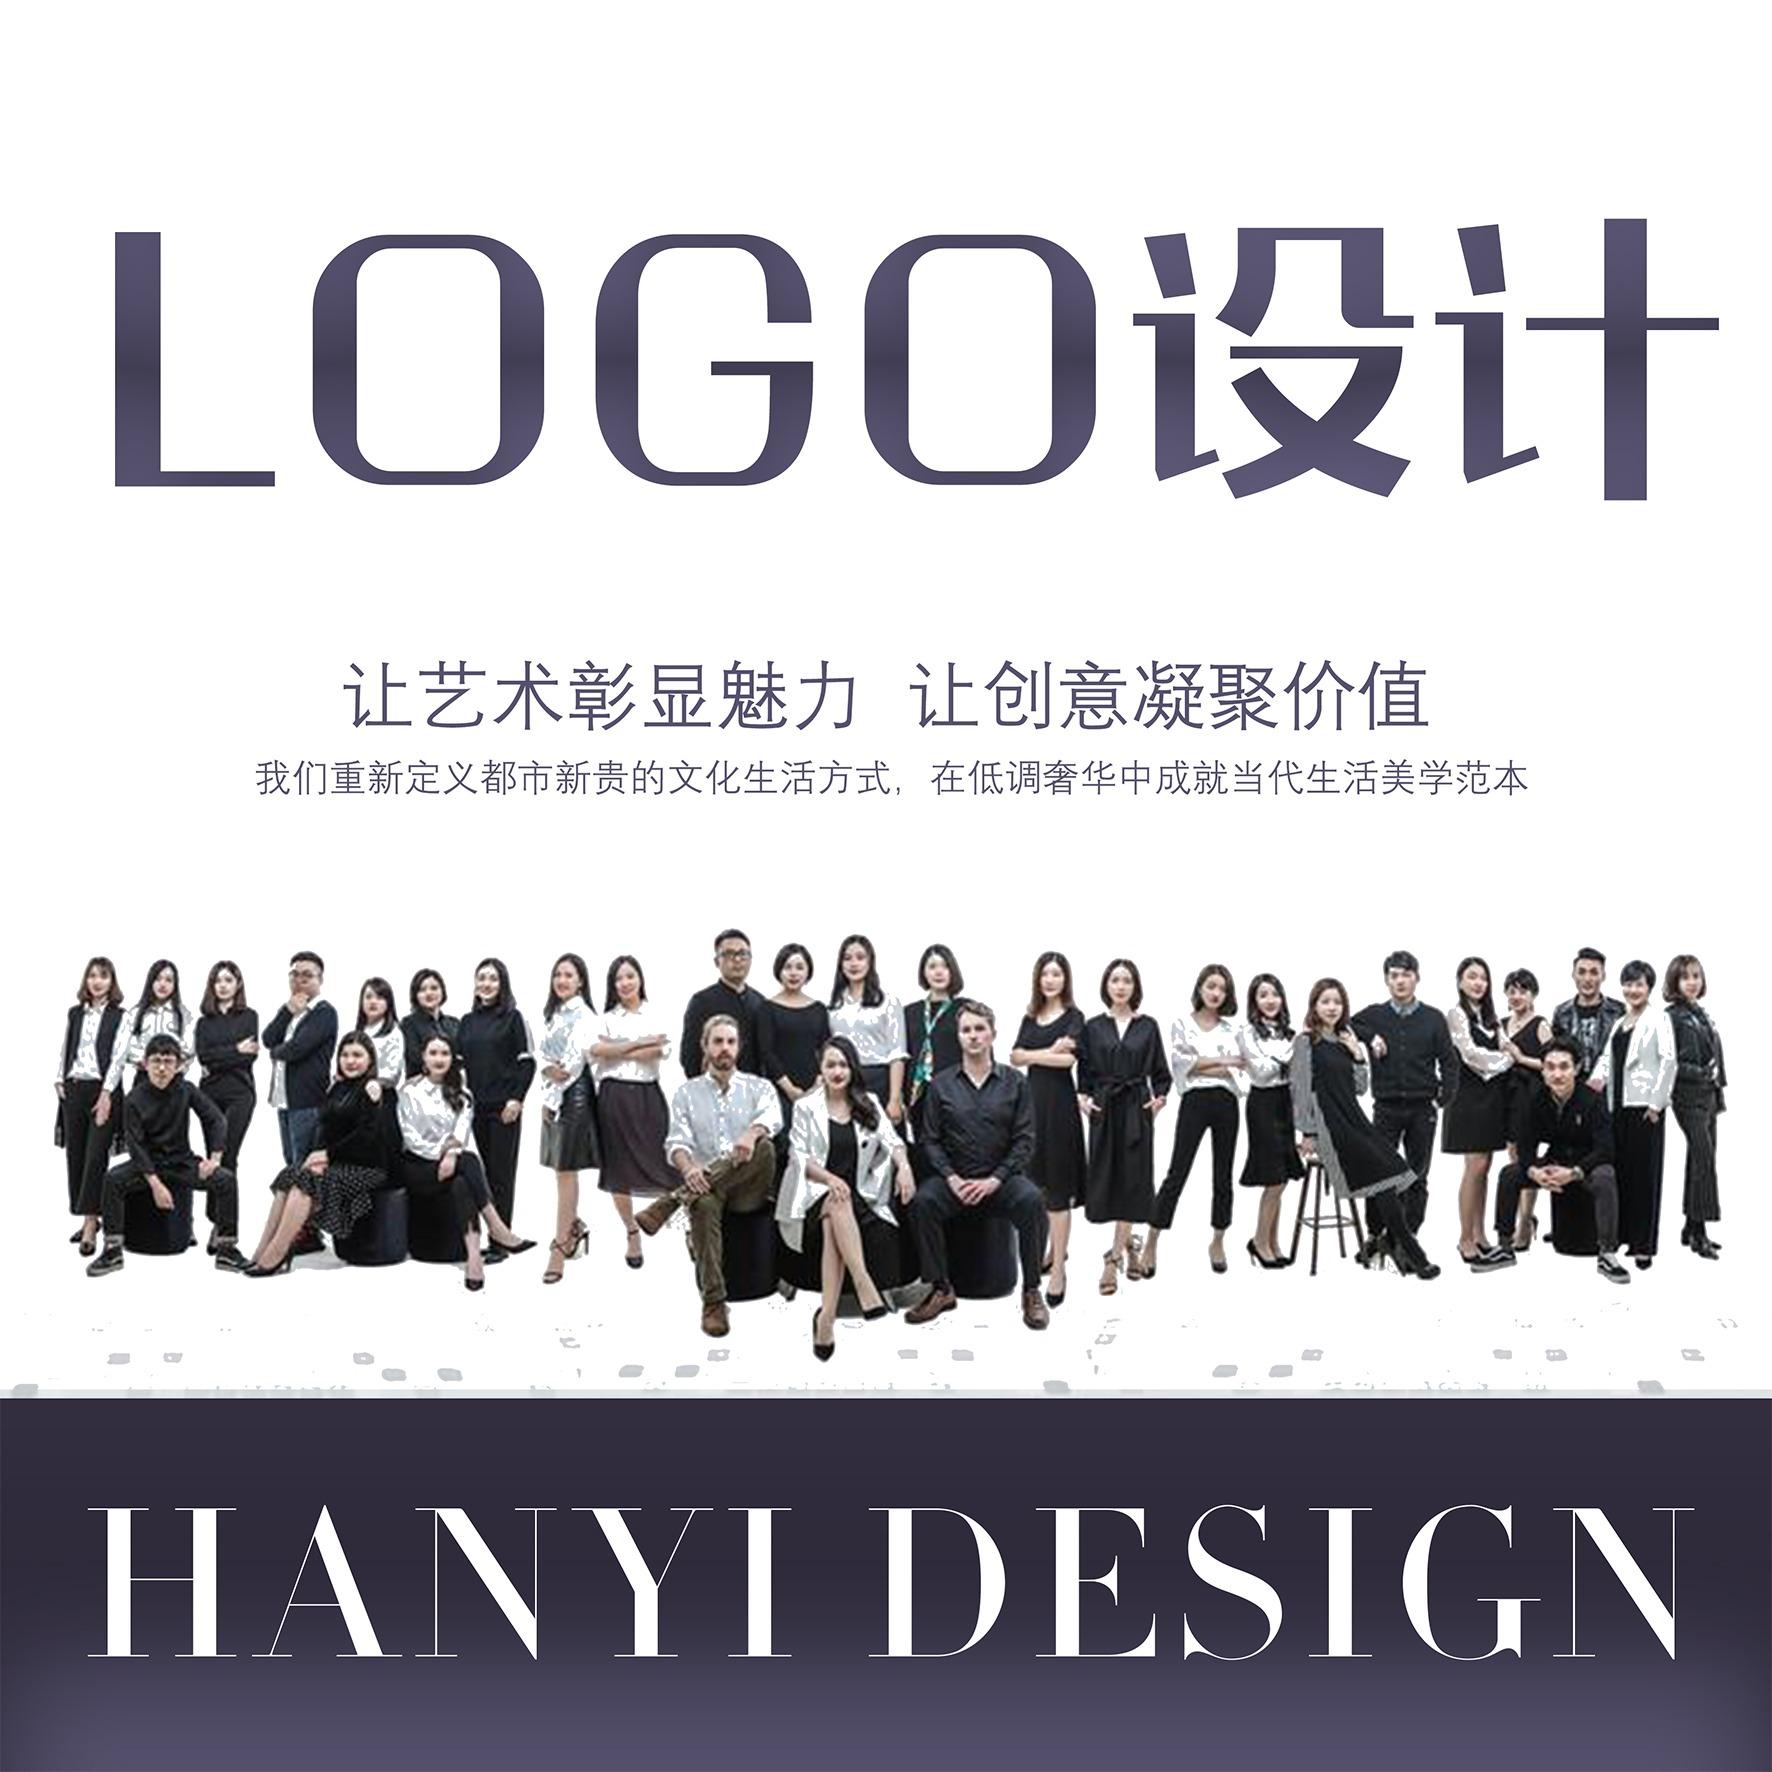 餐饮奶茶服装金融IT教育科技公司企业标志logo产品商标设计